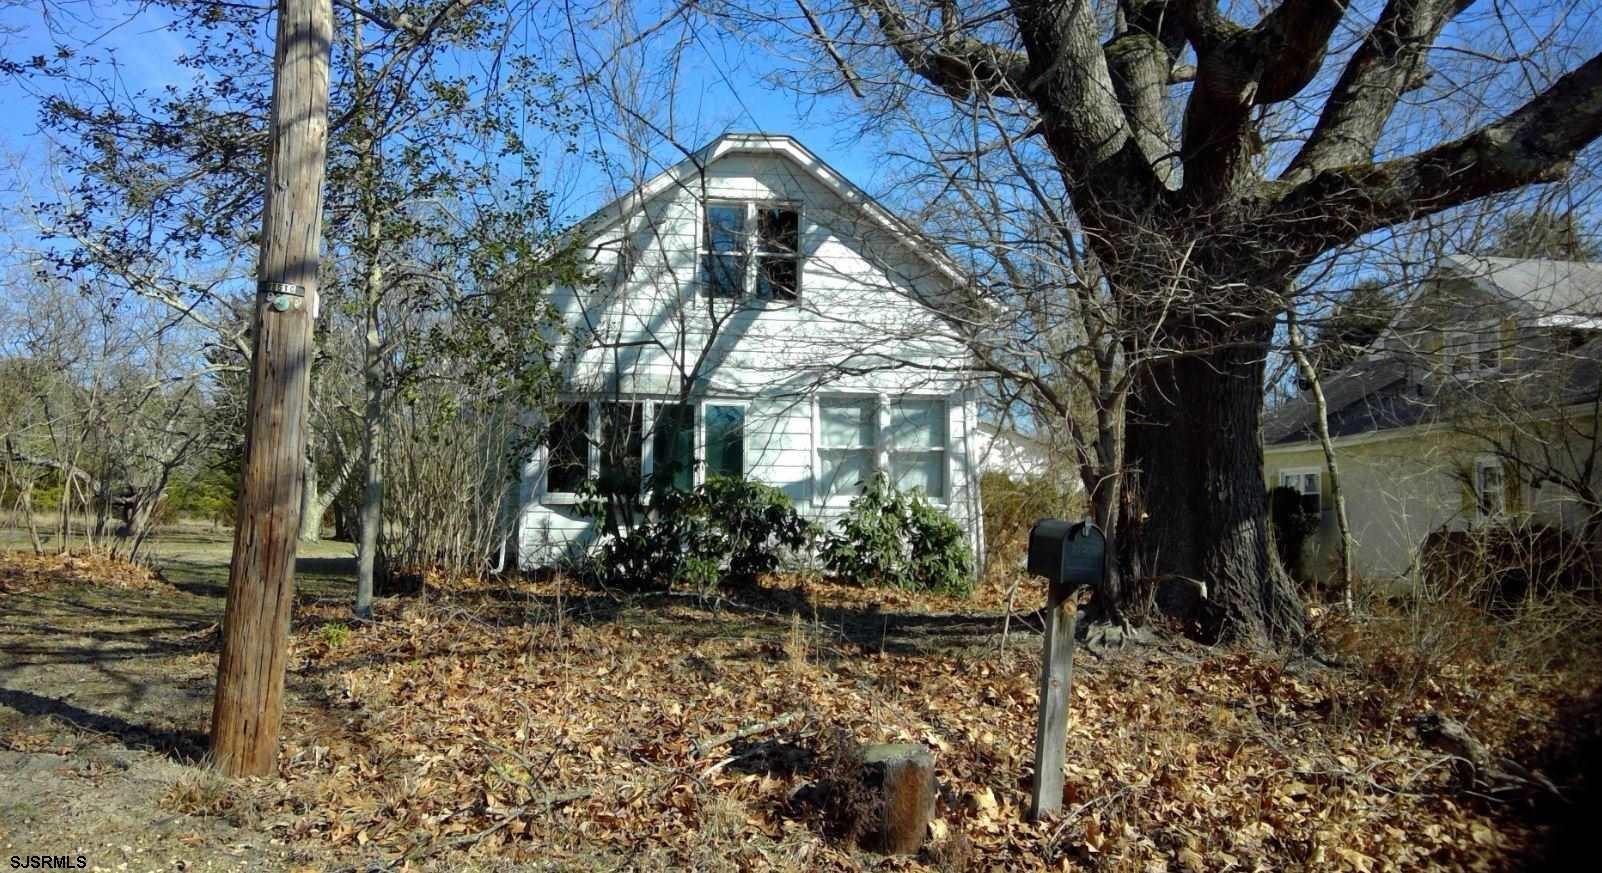 1300 Washington Ave, Egg Harbor City, NJ 08215 - #: 550196